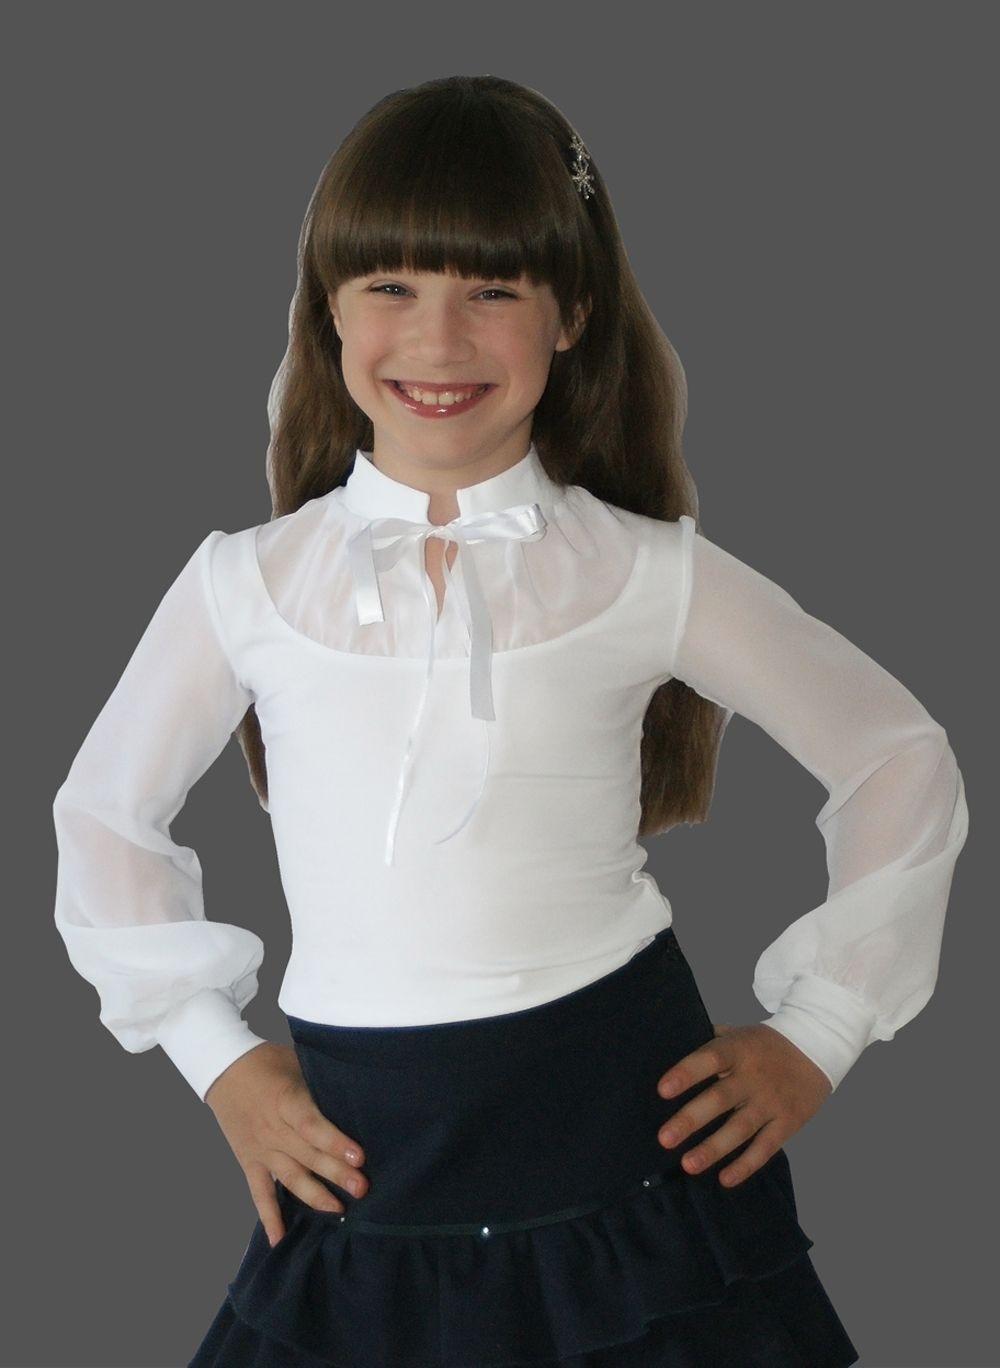 Сбор заказов. Красивая одежда для детей М@ттiель-10. Блузки для наших красавиц. Готовимся к школе заранее! Теперь до 152 роста. Есть отзывы и модели для мальчиков. Без рядов.